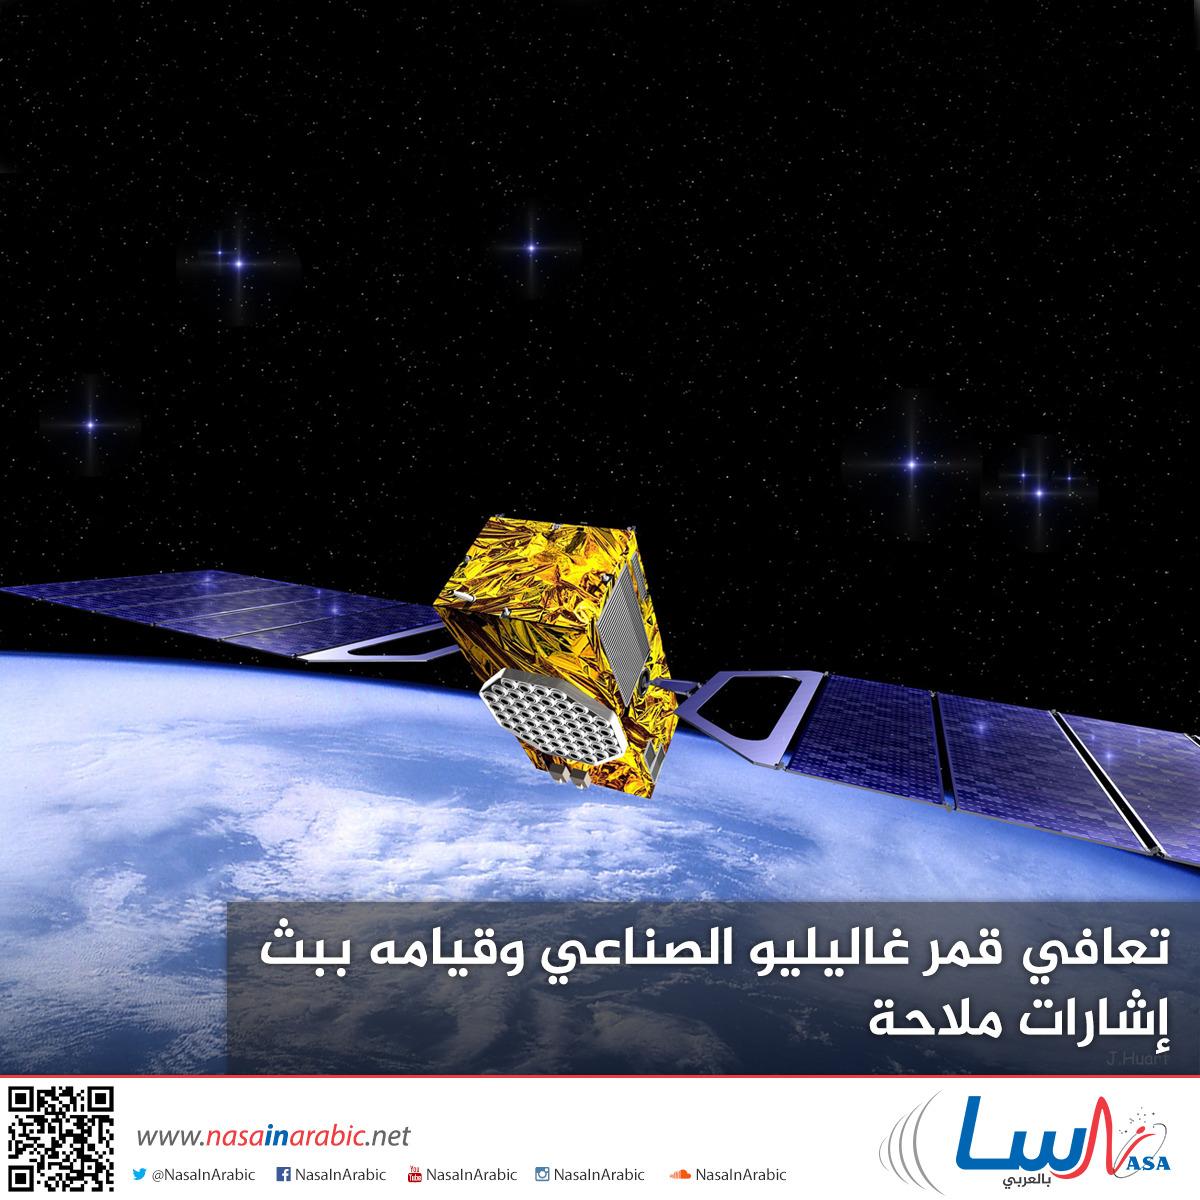 تعافي قمر غاليليو الصناعي وقيامه ببث إشارات ملاحة